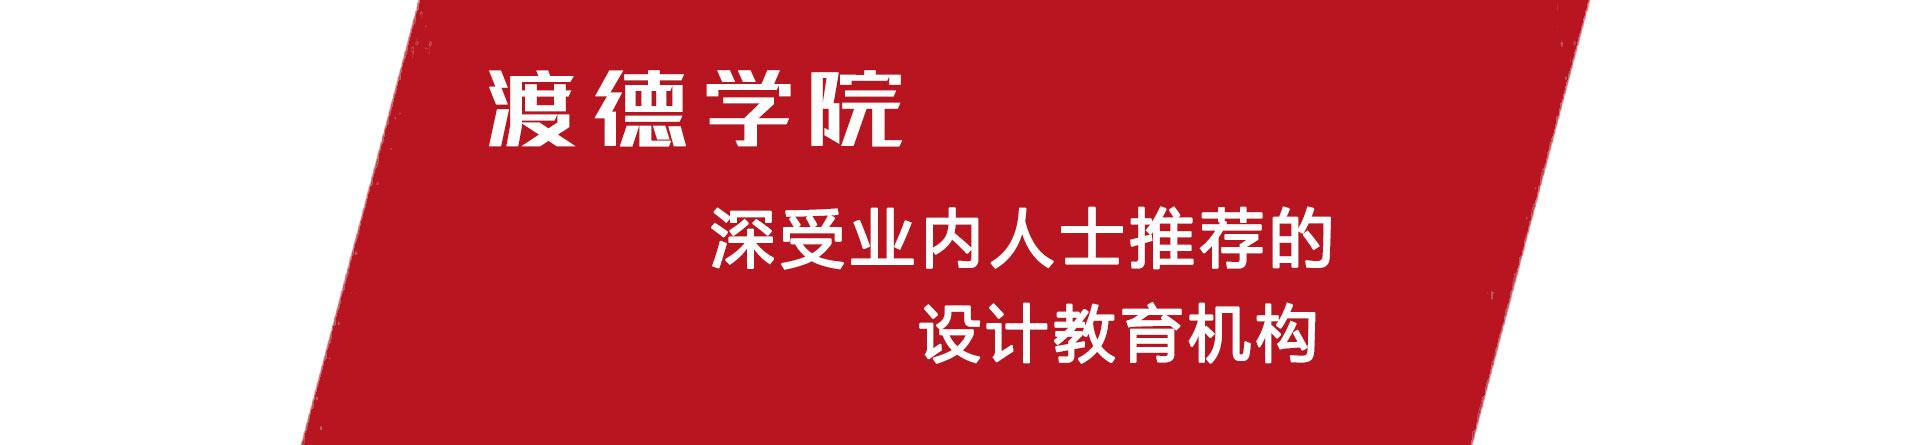 郑州渡德设计学院